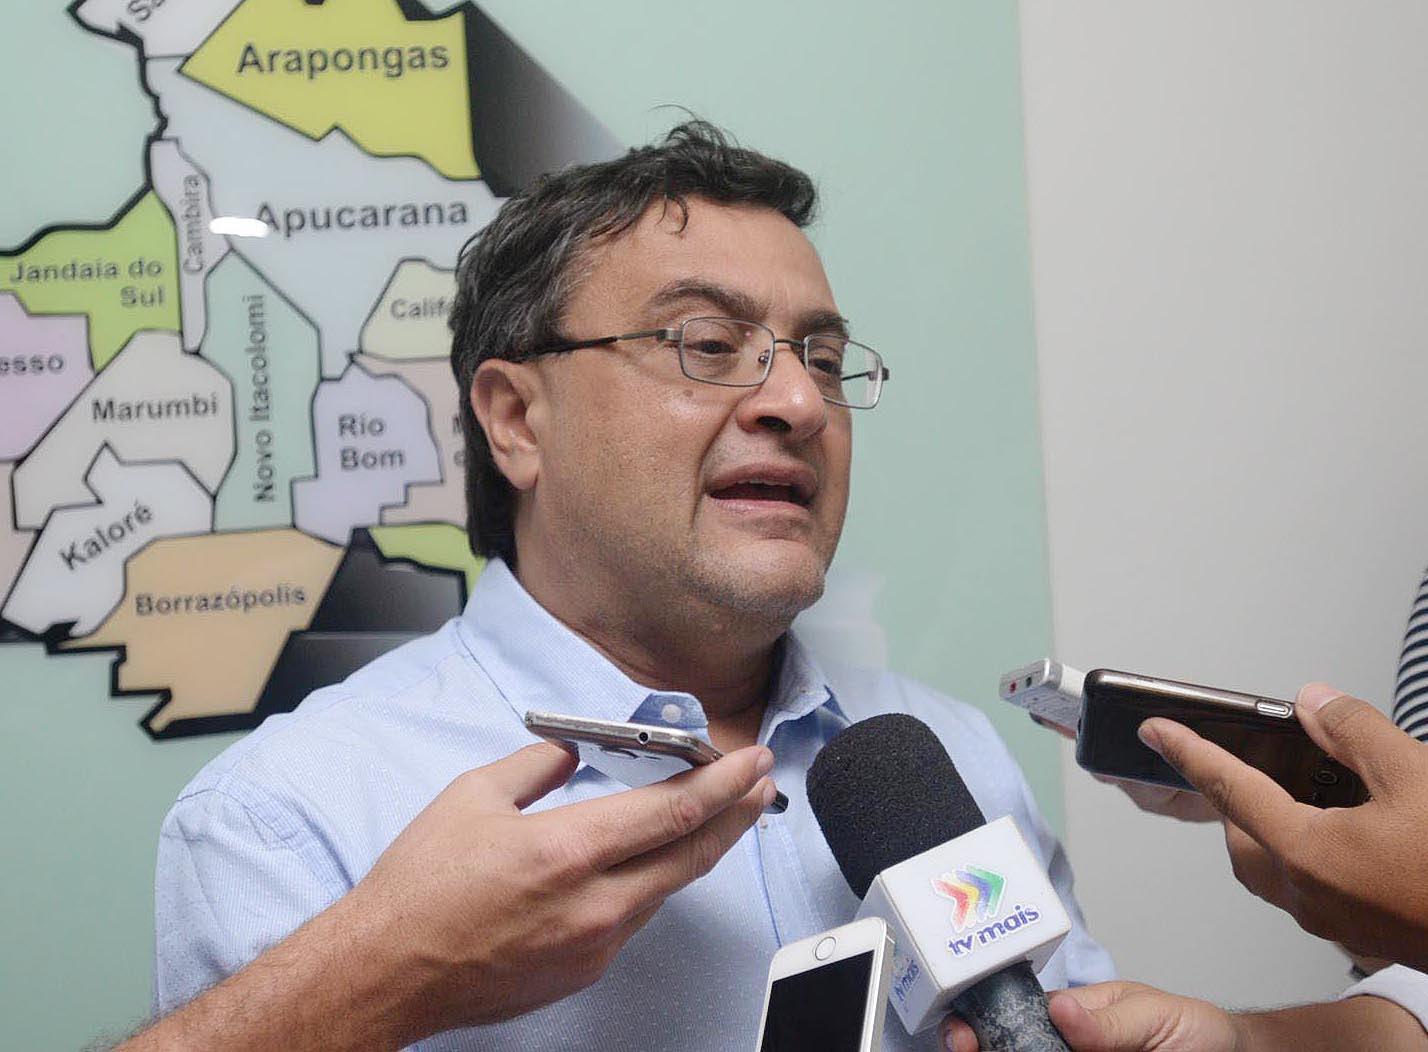 Saúde de Curitiba recebe atenção especial, diz Michele Caputo